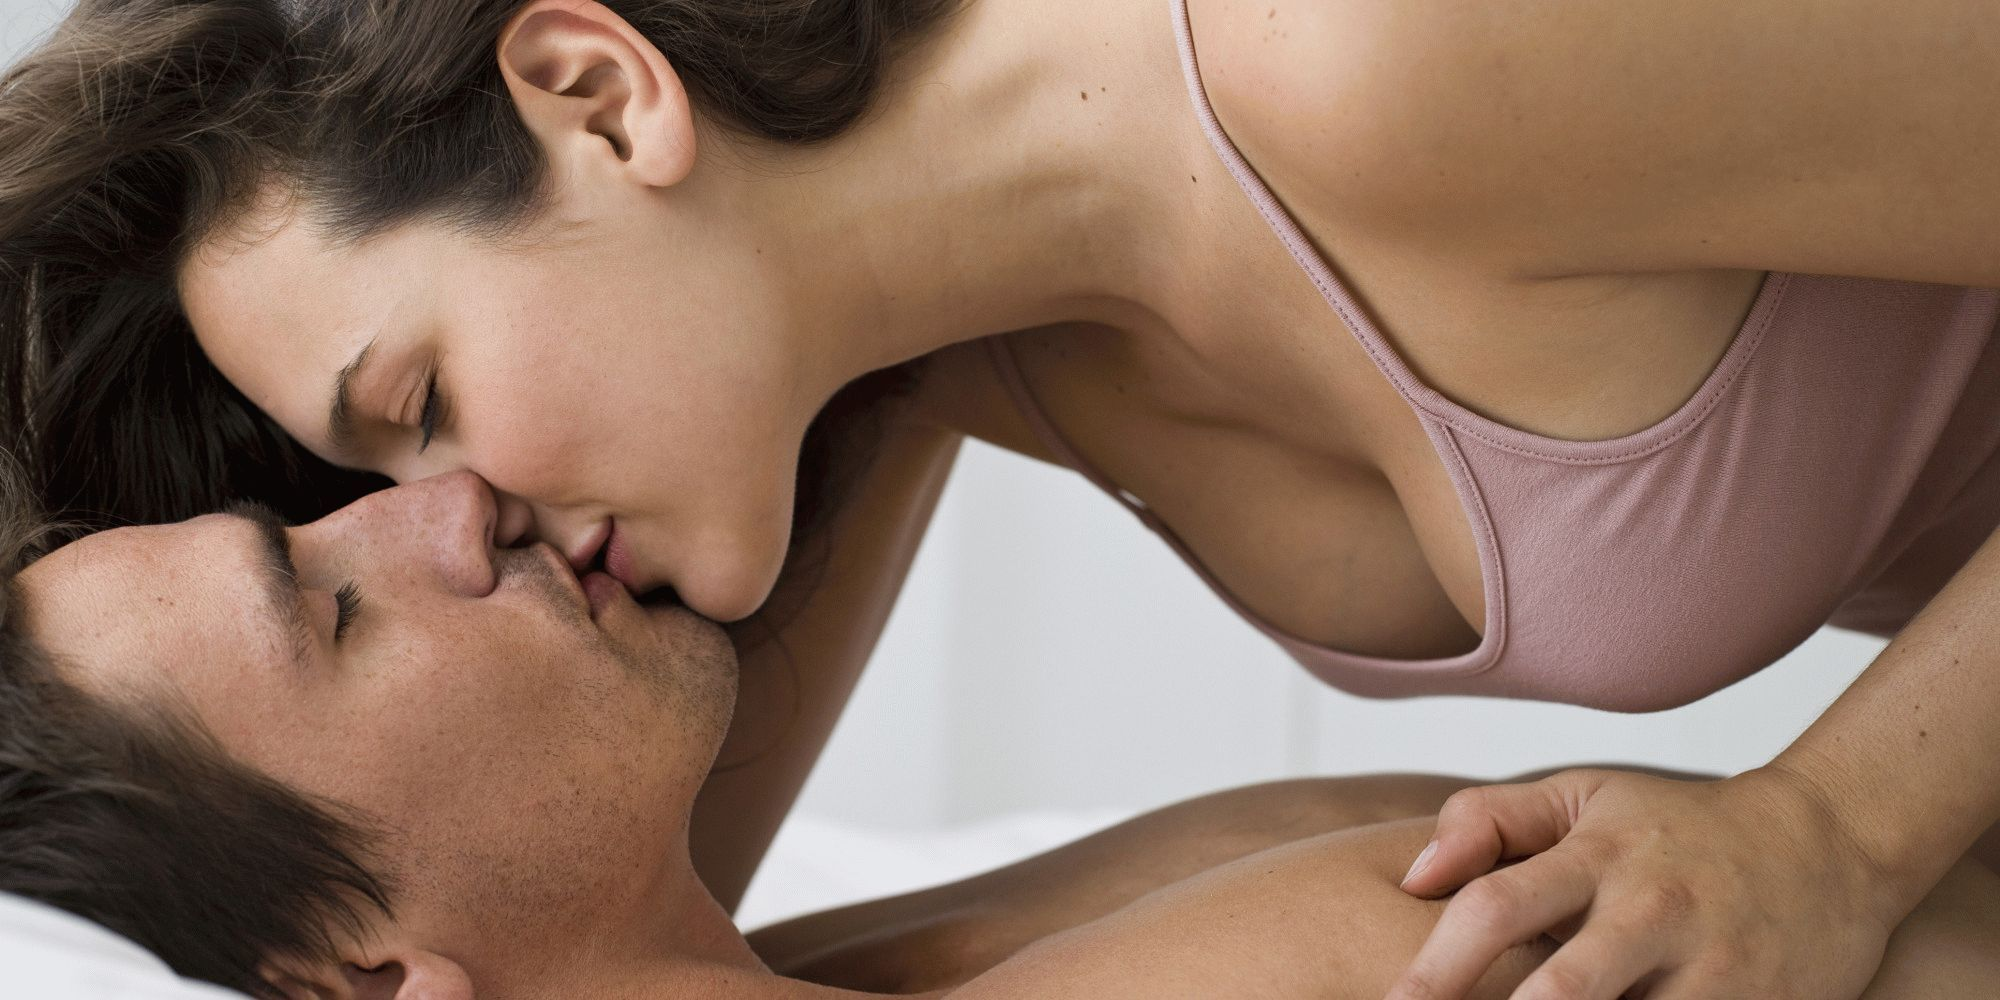 Желание секса женщины